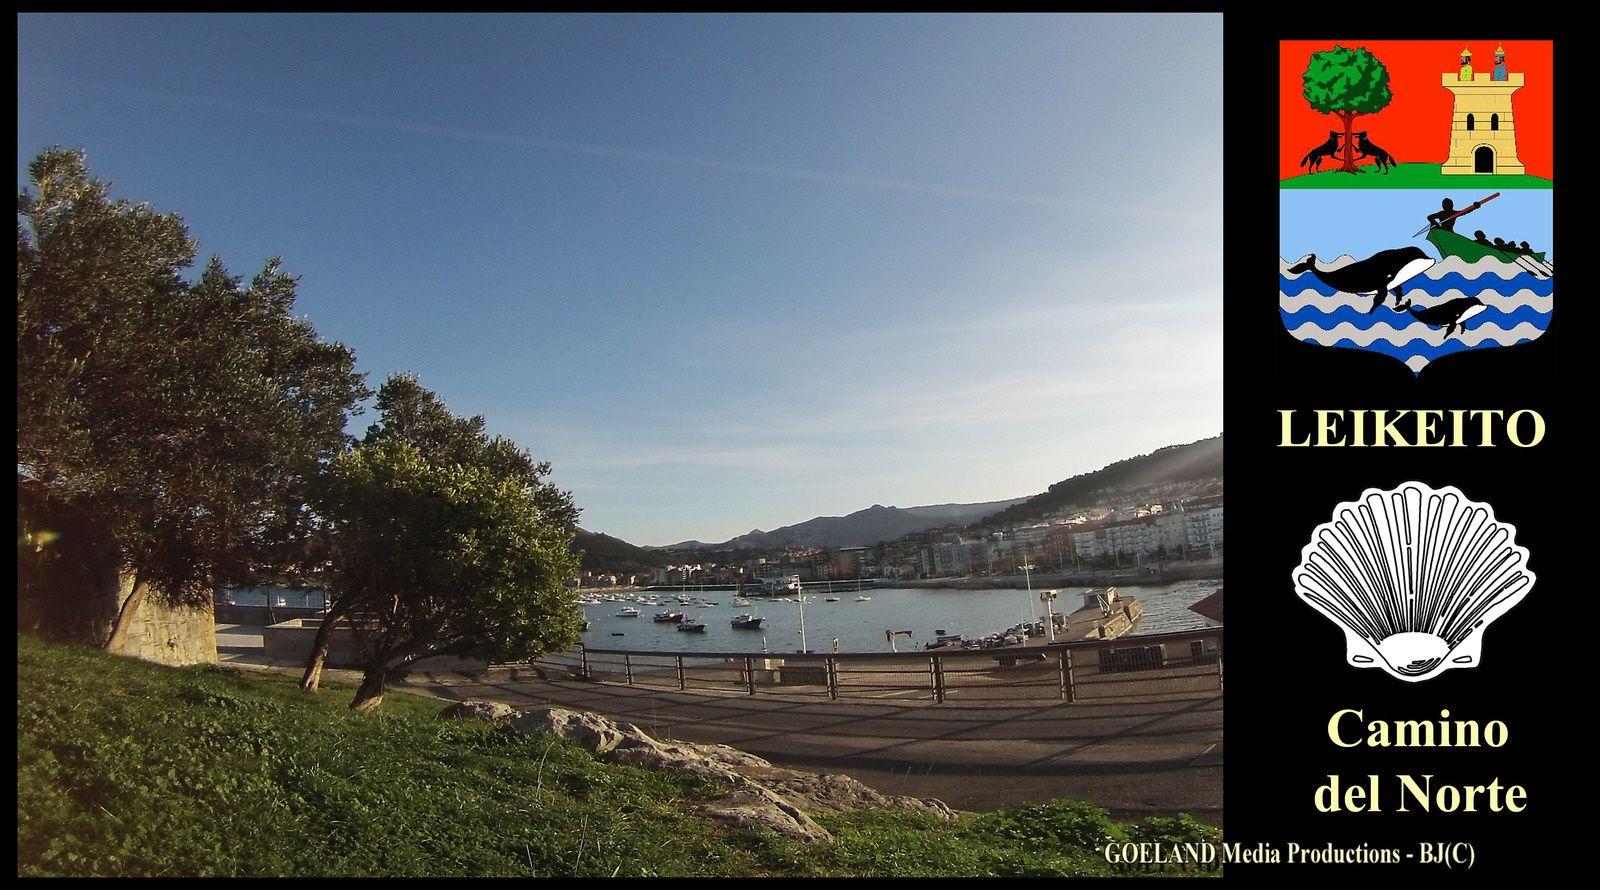 LEKEITIO port de pêche à la vie portuaire intense et au riche patrimoine